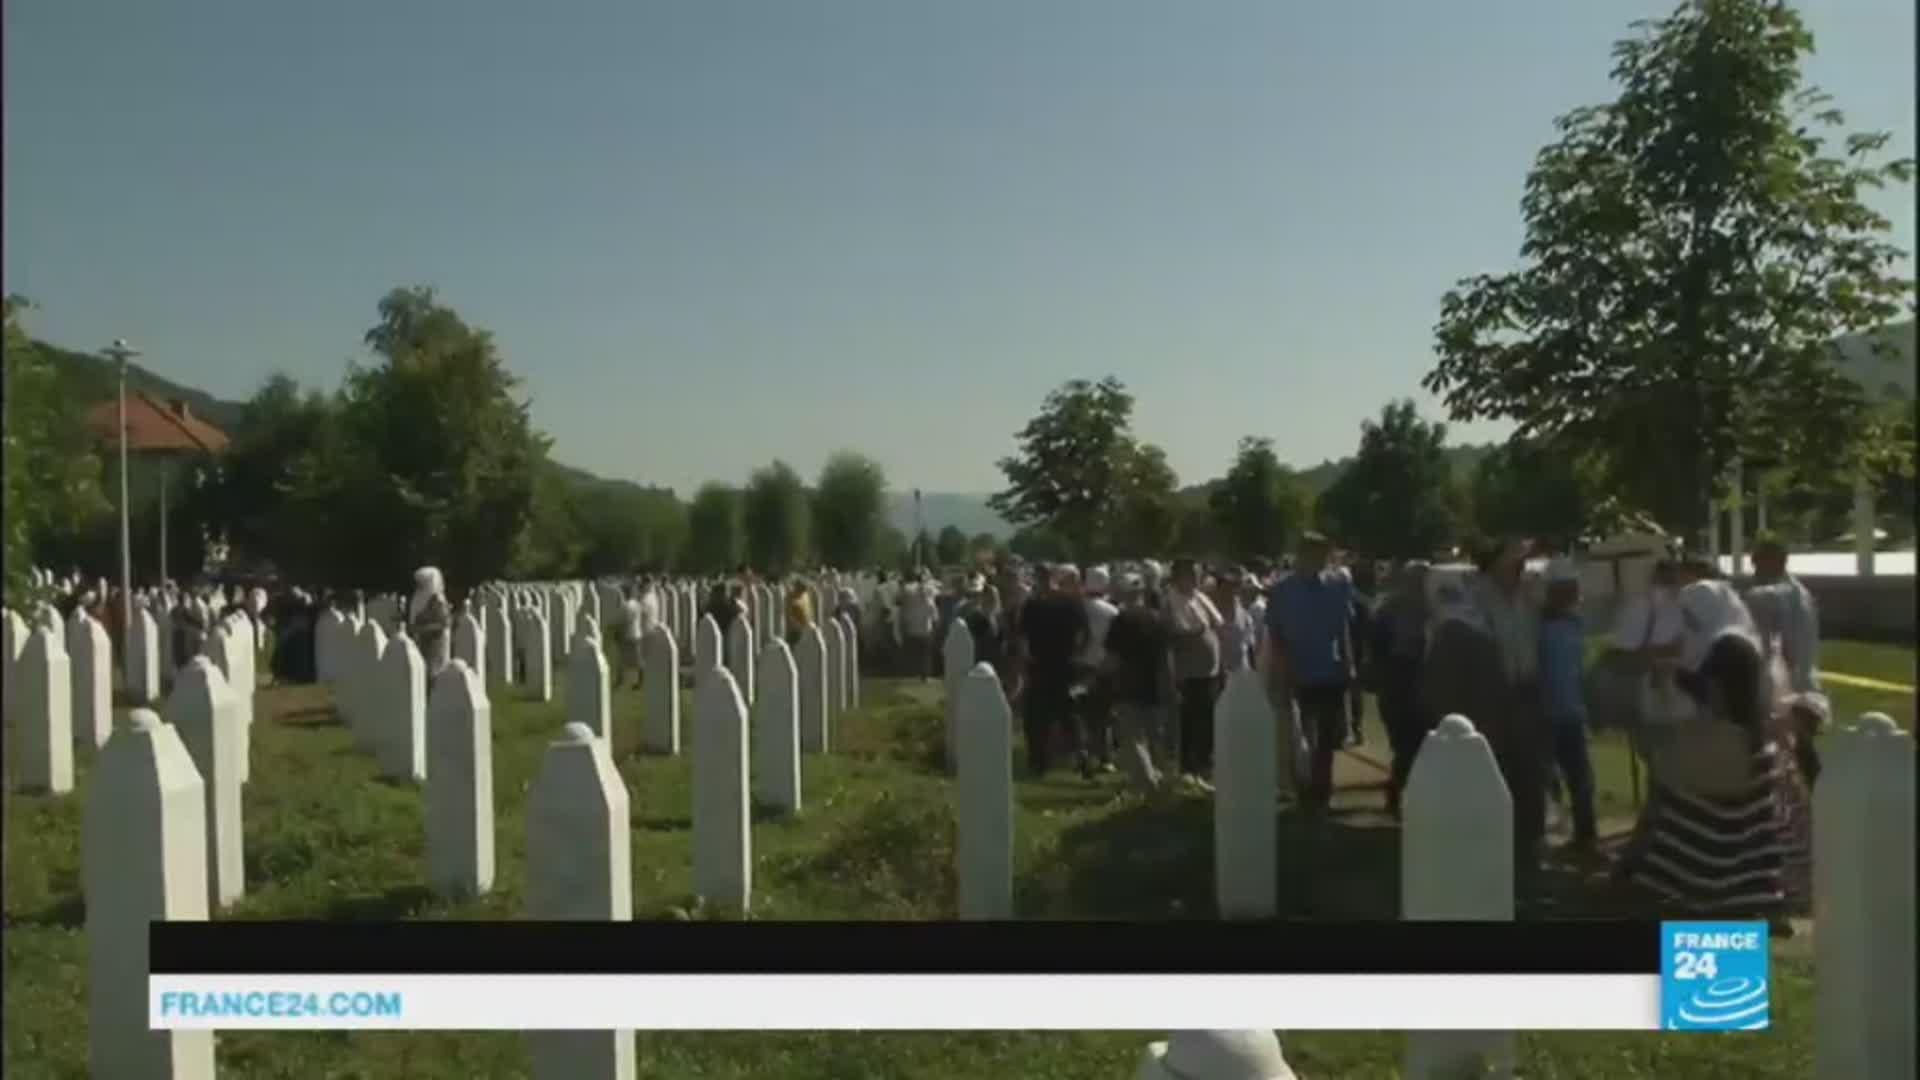 71 reburied on 22 anniversary of Bosnian massacre